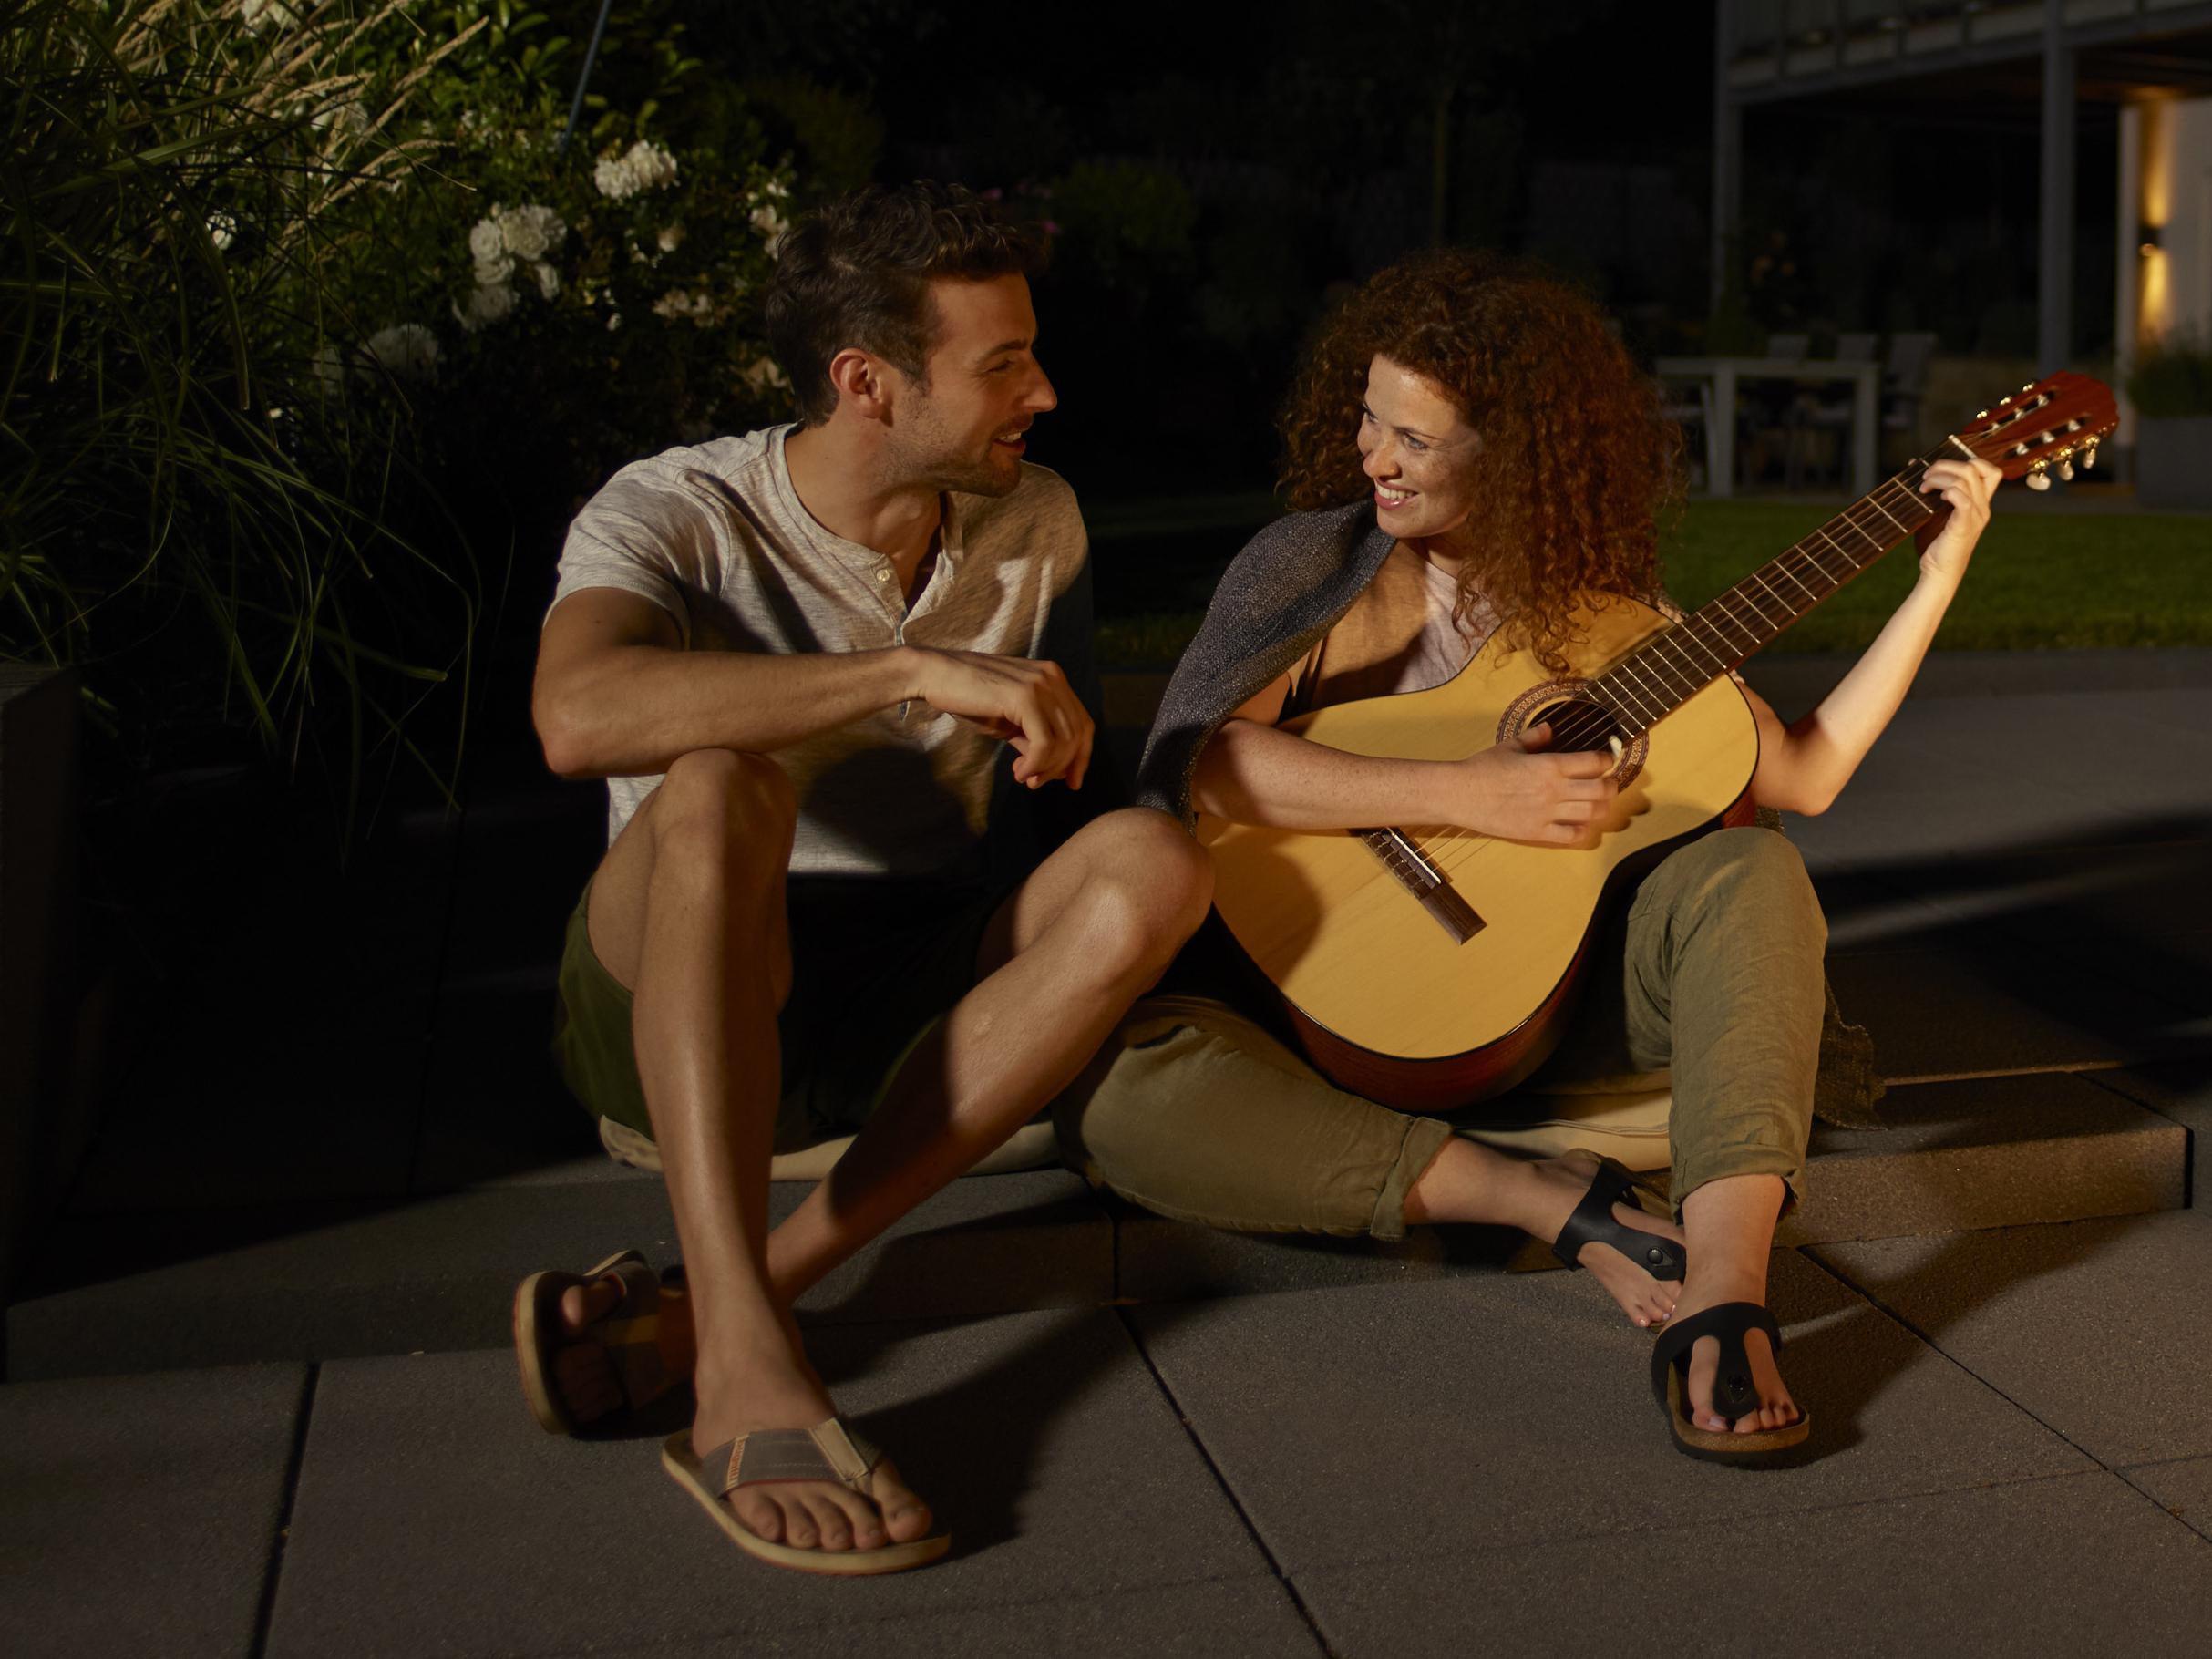 Ein junges Paar sitzt entspannt an der Feuerstelle im Garten und spielt bis in die dunkle Nacht hinein auf der Gitarre.